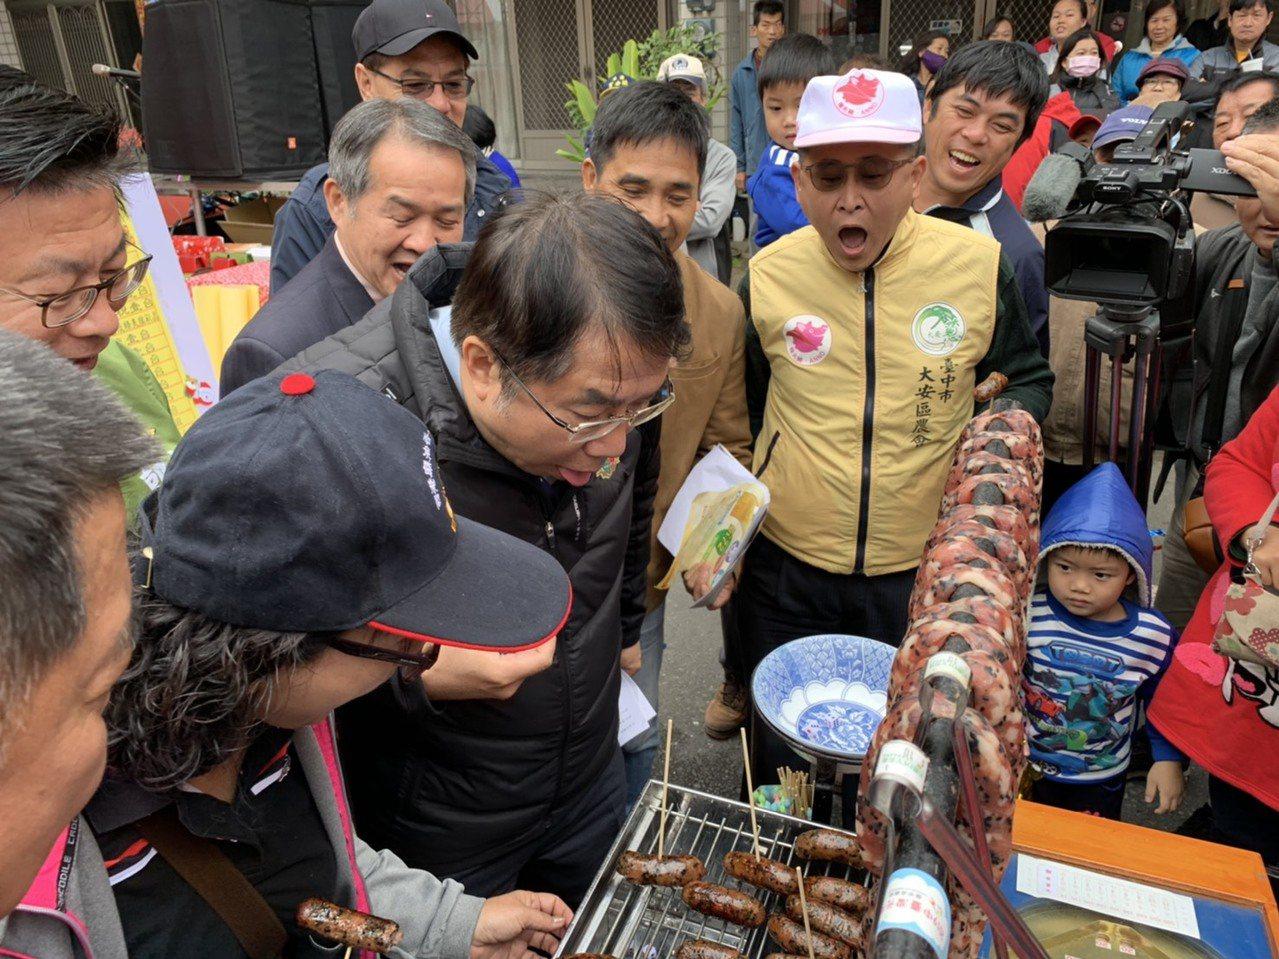 台南市長黃偉哲(中)今天出席西港胡麻節,體驗古早「打香腸」遊戲。圖/農業局提供